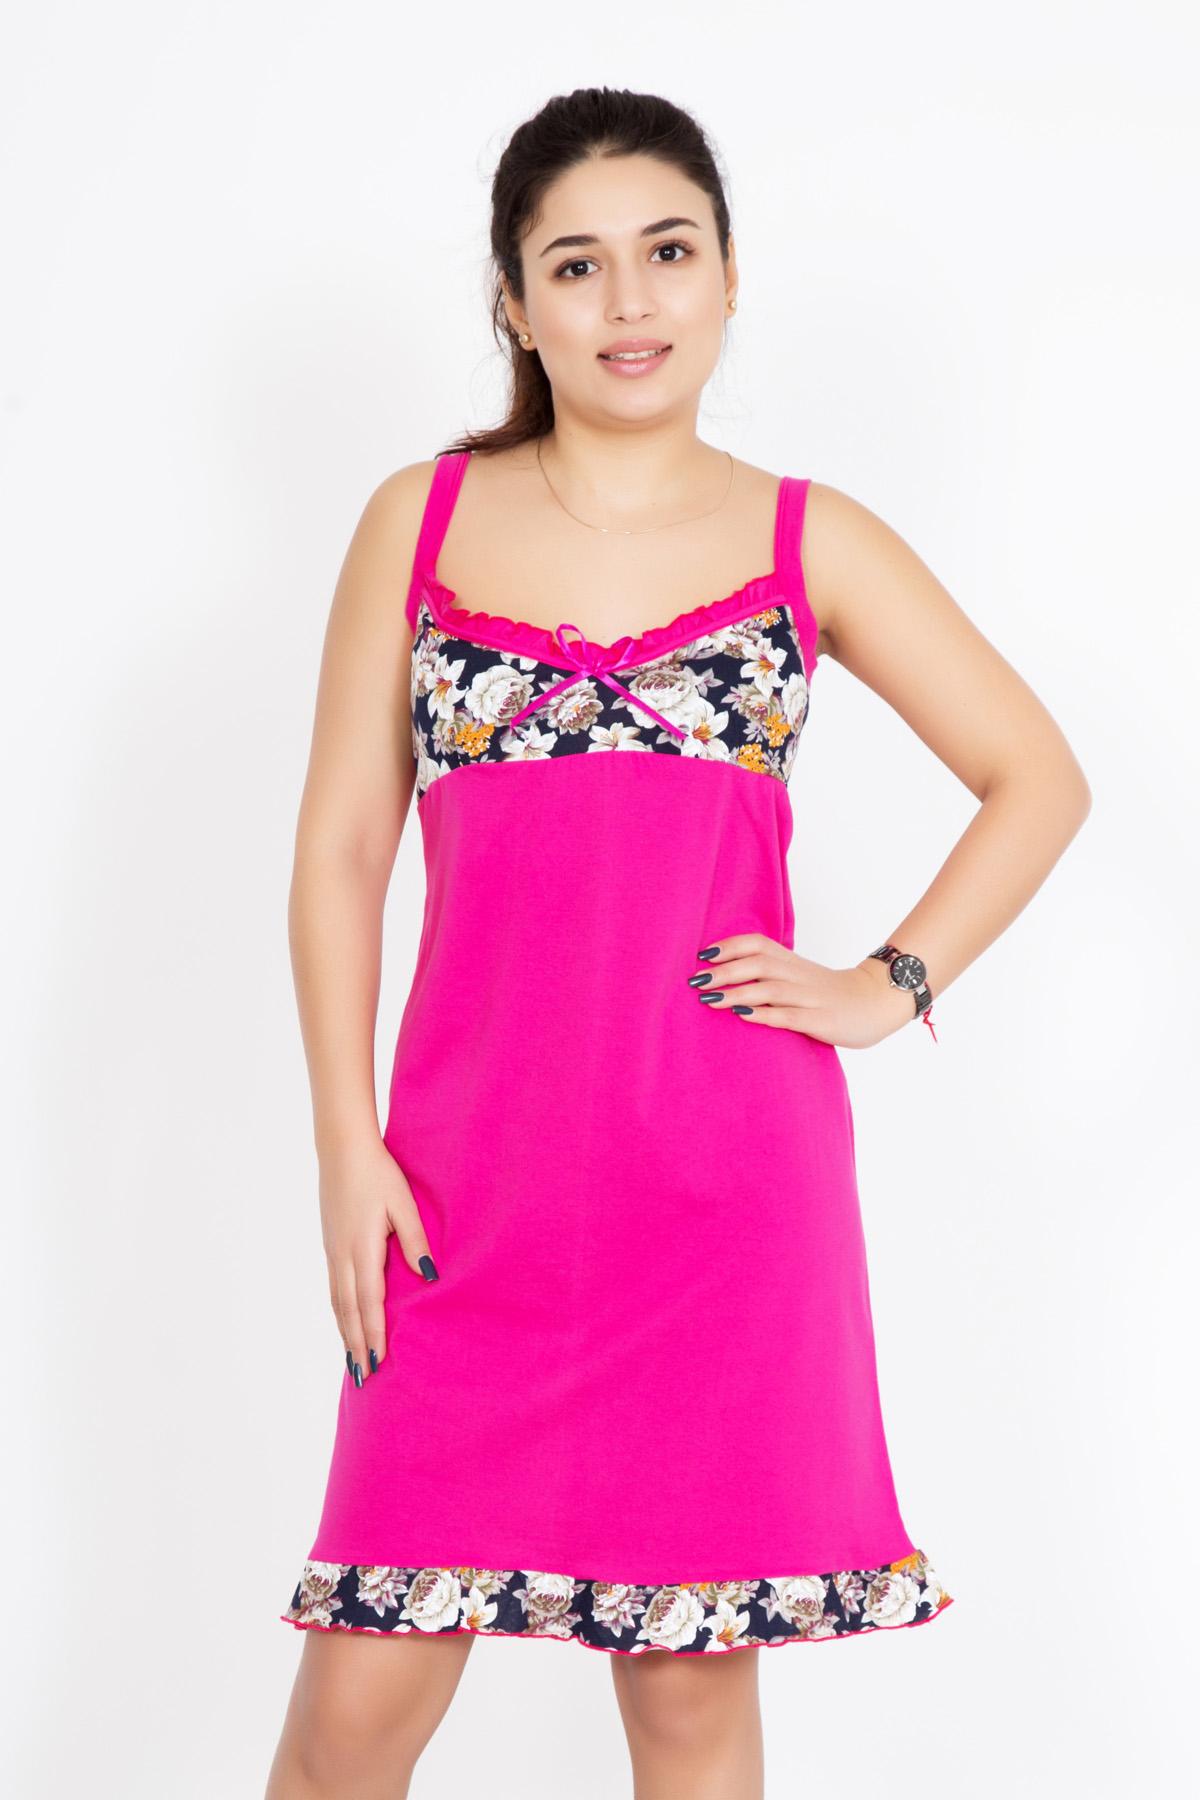 Жен. сорочка  Варвара  Малиновый р. 44 - Женская одежда артикул: 25525